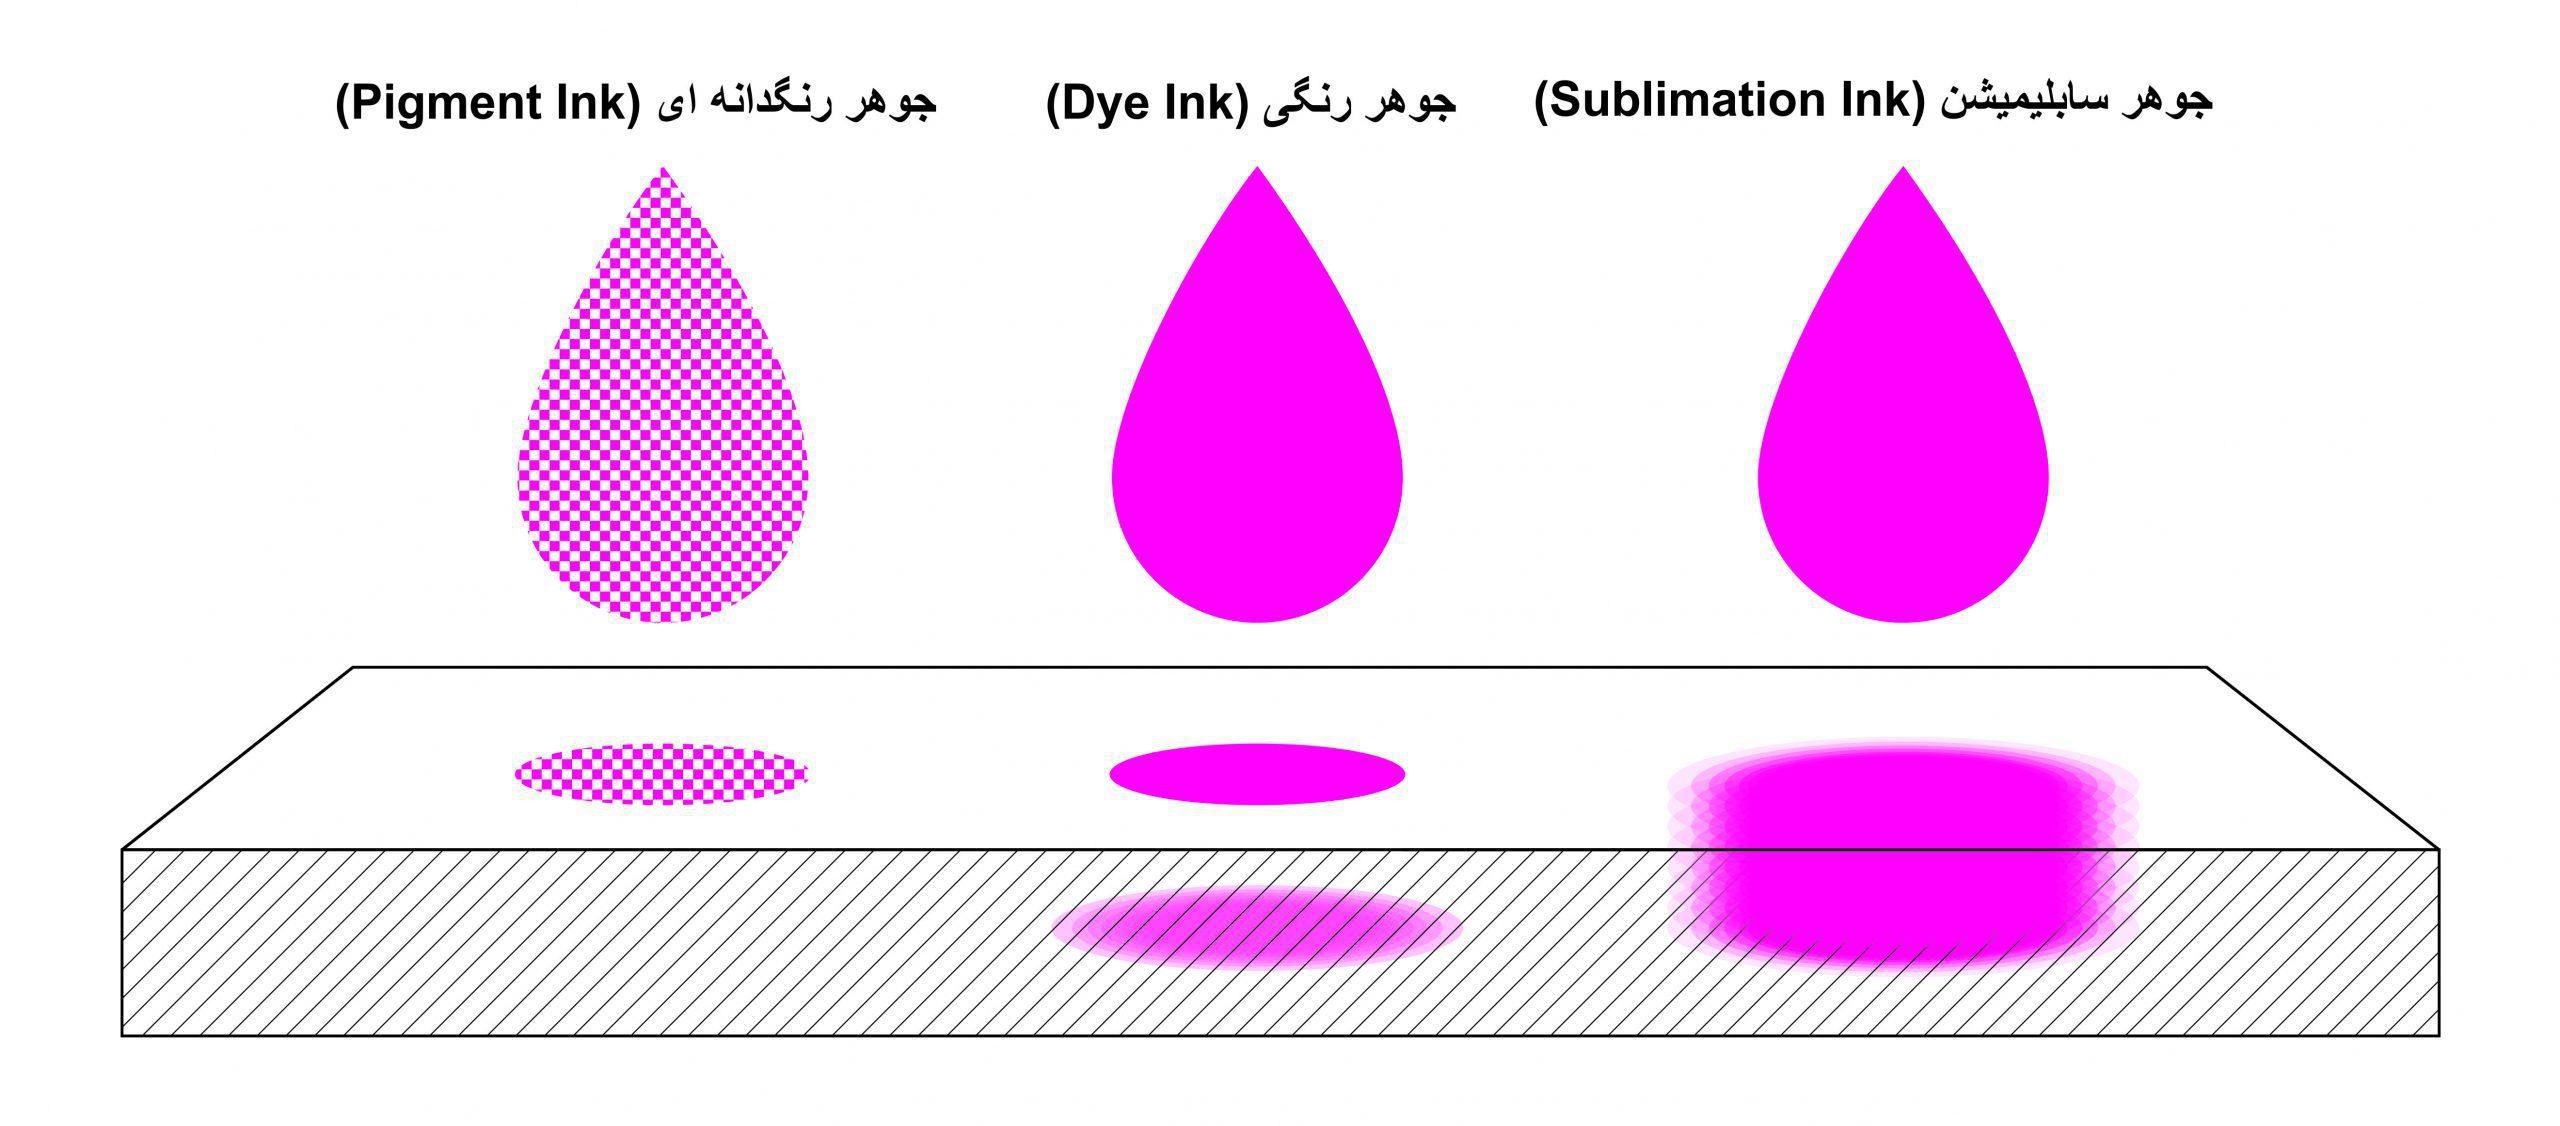 تفاوت جوهر سابلیمیشن و جوهررنگی و جوهر رنگدانه ای